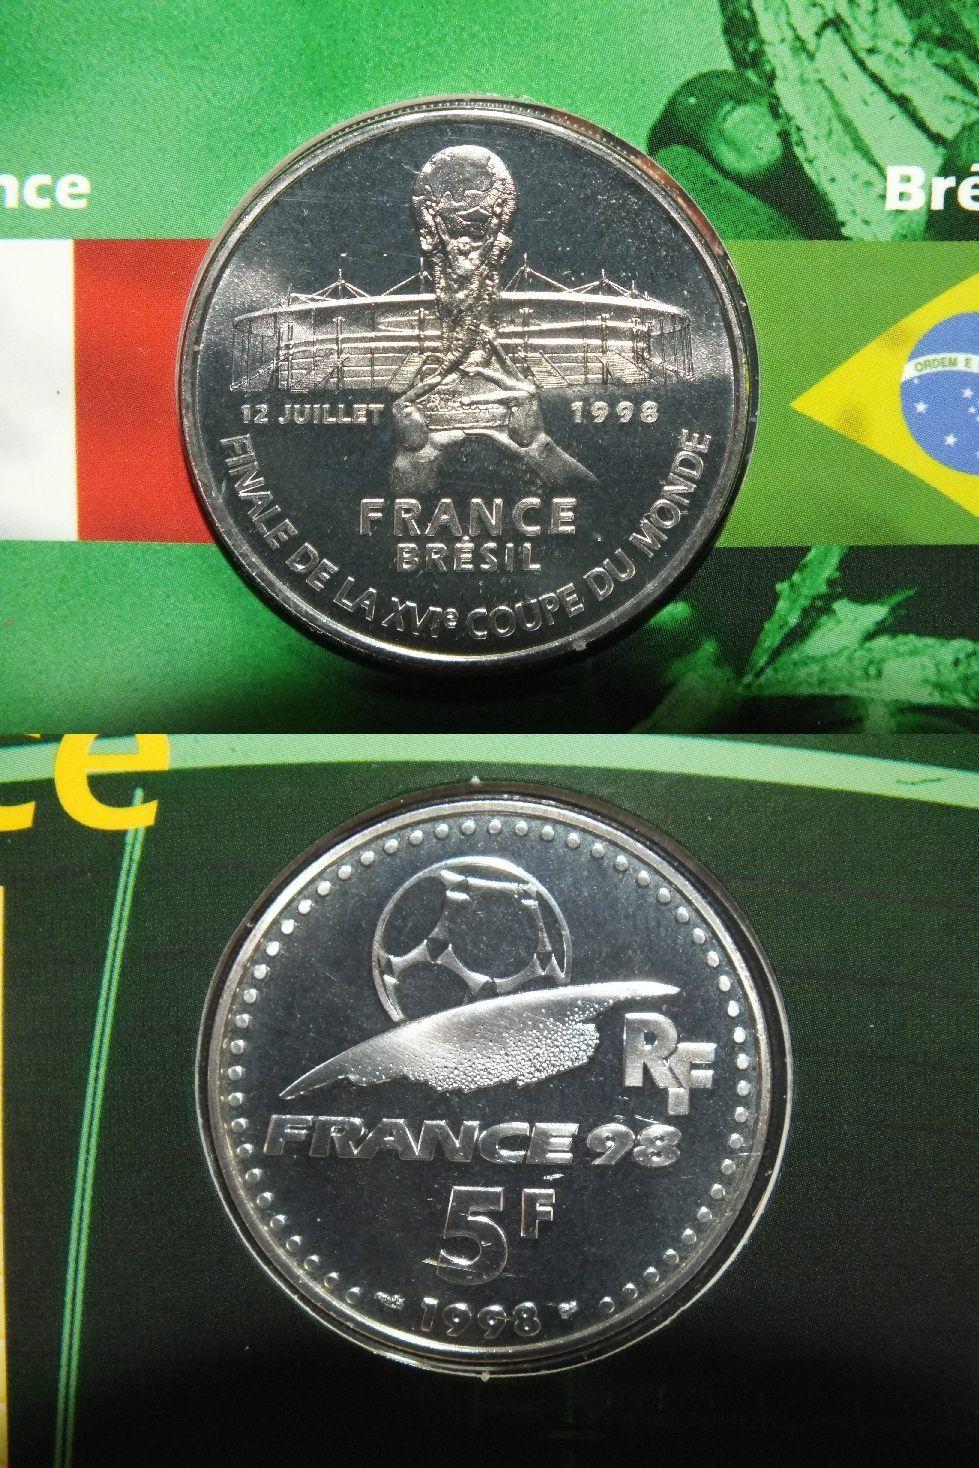 5 francs en argent victoire la coupe du monde 1998 - Victoire de la coupe du monde 1998 ...